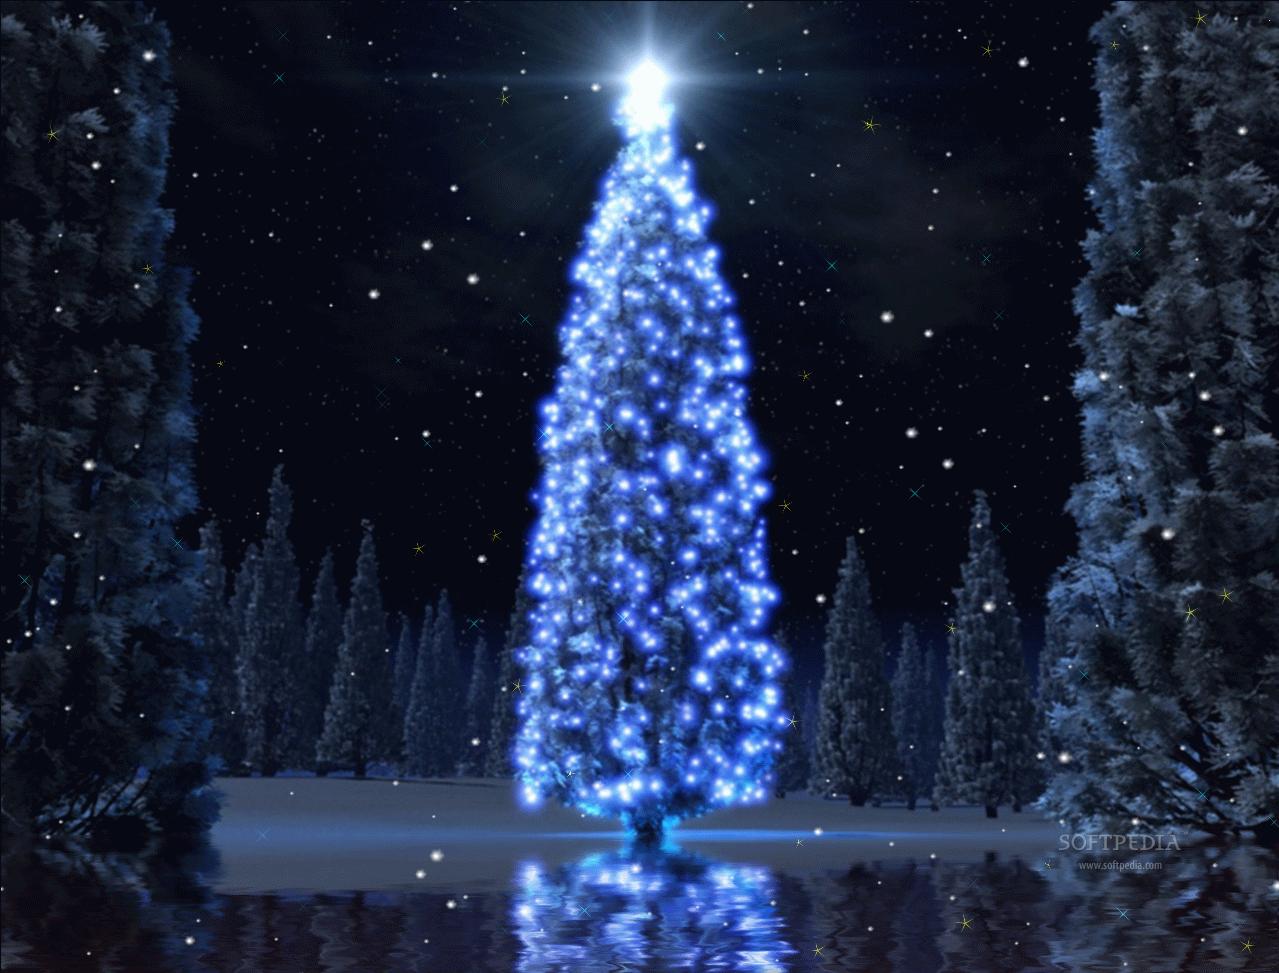 مظاهر الاحتفال بالكريسماس فى استراليا: مهداه من صديقنا جمال جرجس Christmas-Tree-Animated-Wallpaper_1